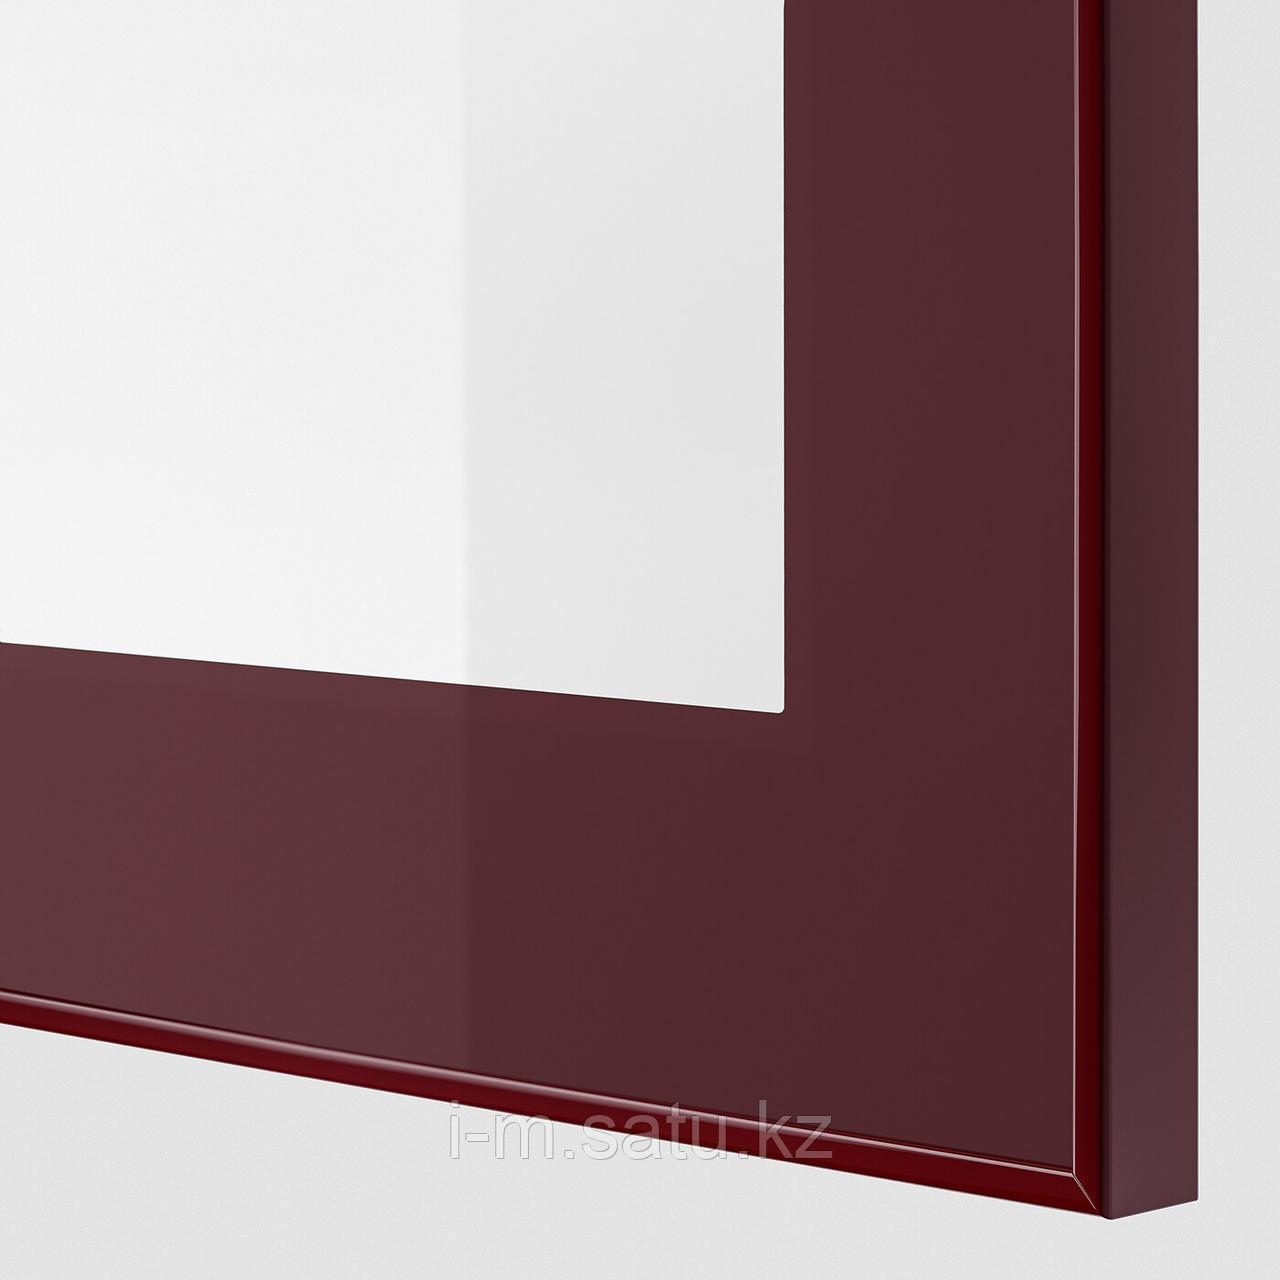 ГЛАССВИК Стеклянная дверь, темный красно-коричневый, прозрачное стекло, 60x38 см